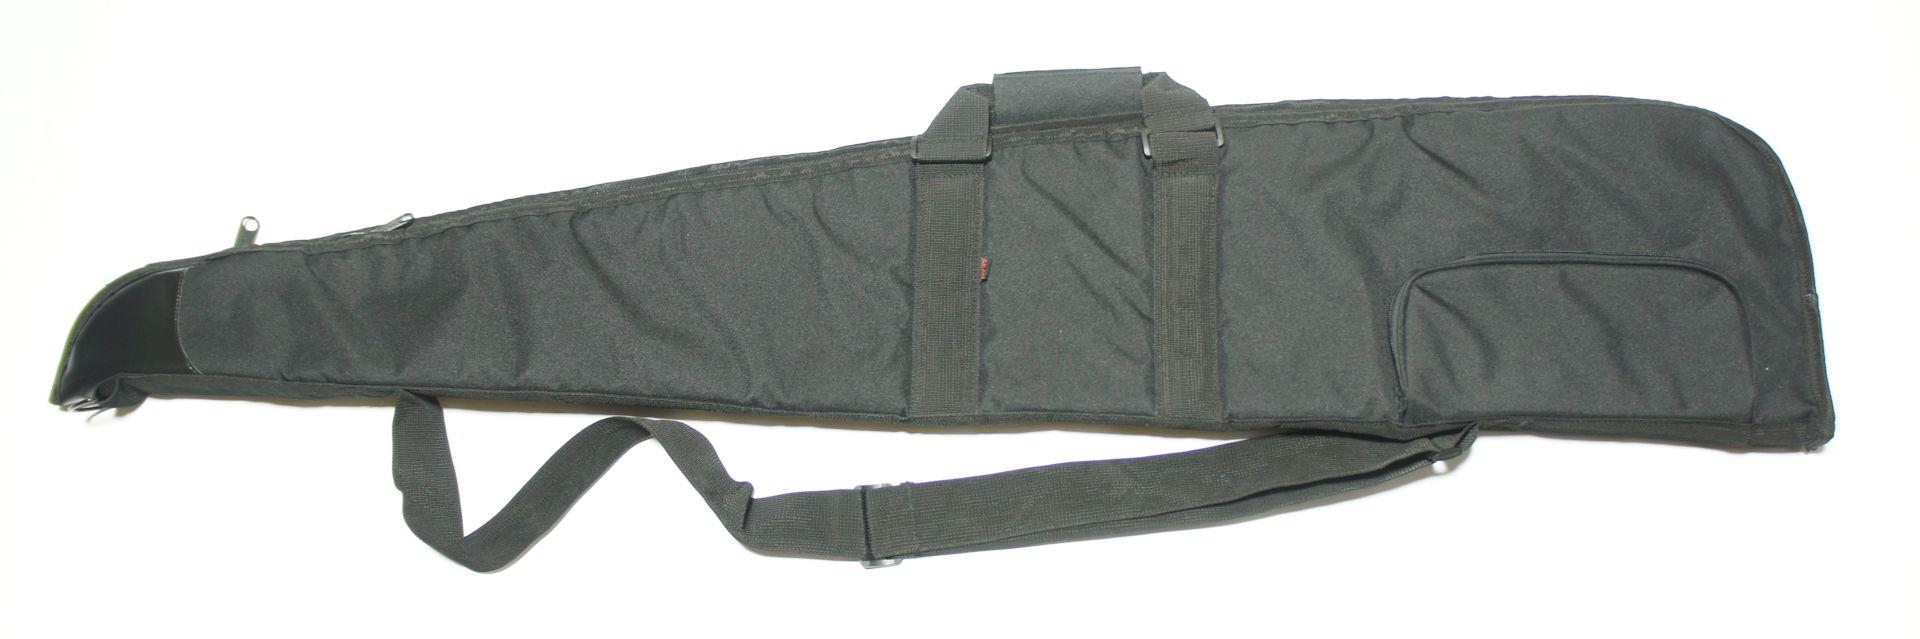 Gewehrtasche 1,30mm schwarz, mit Außentasche